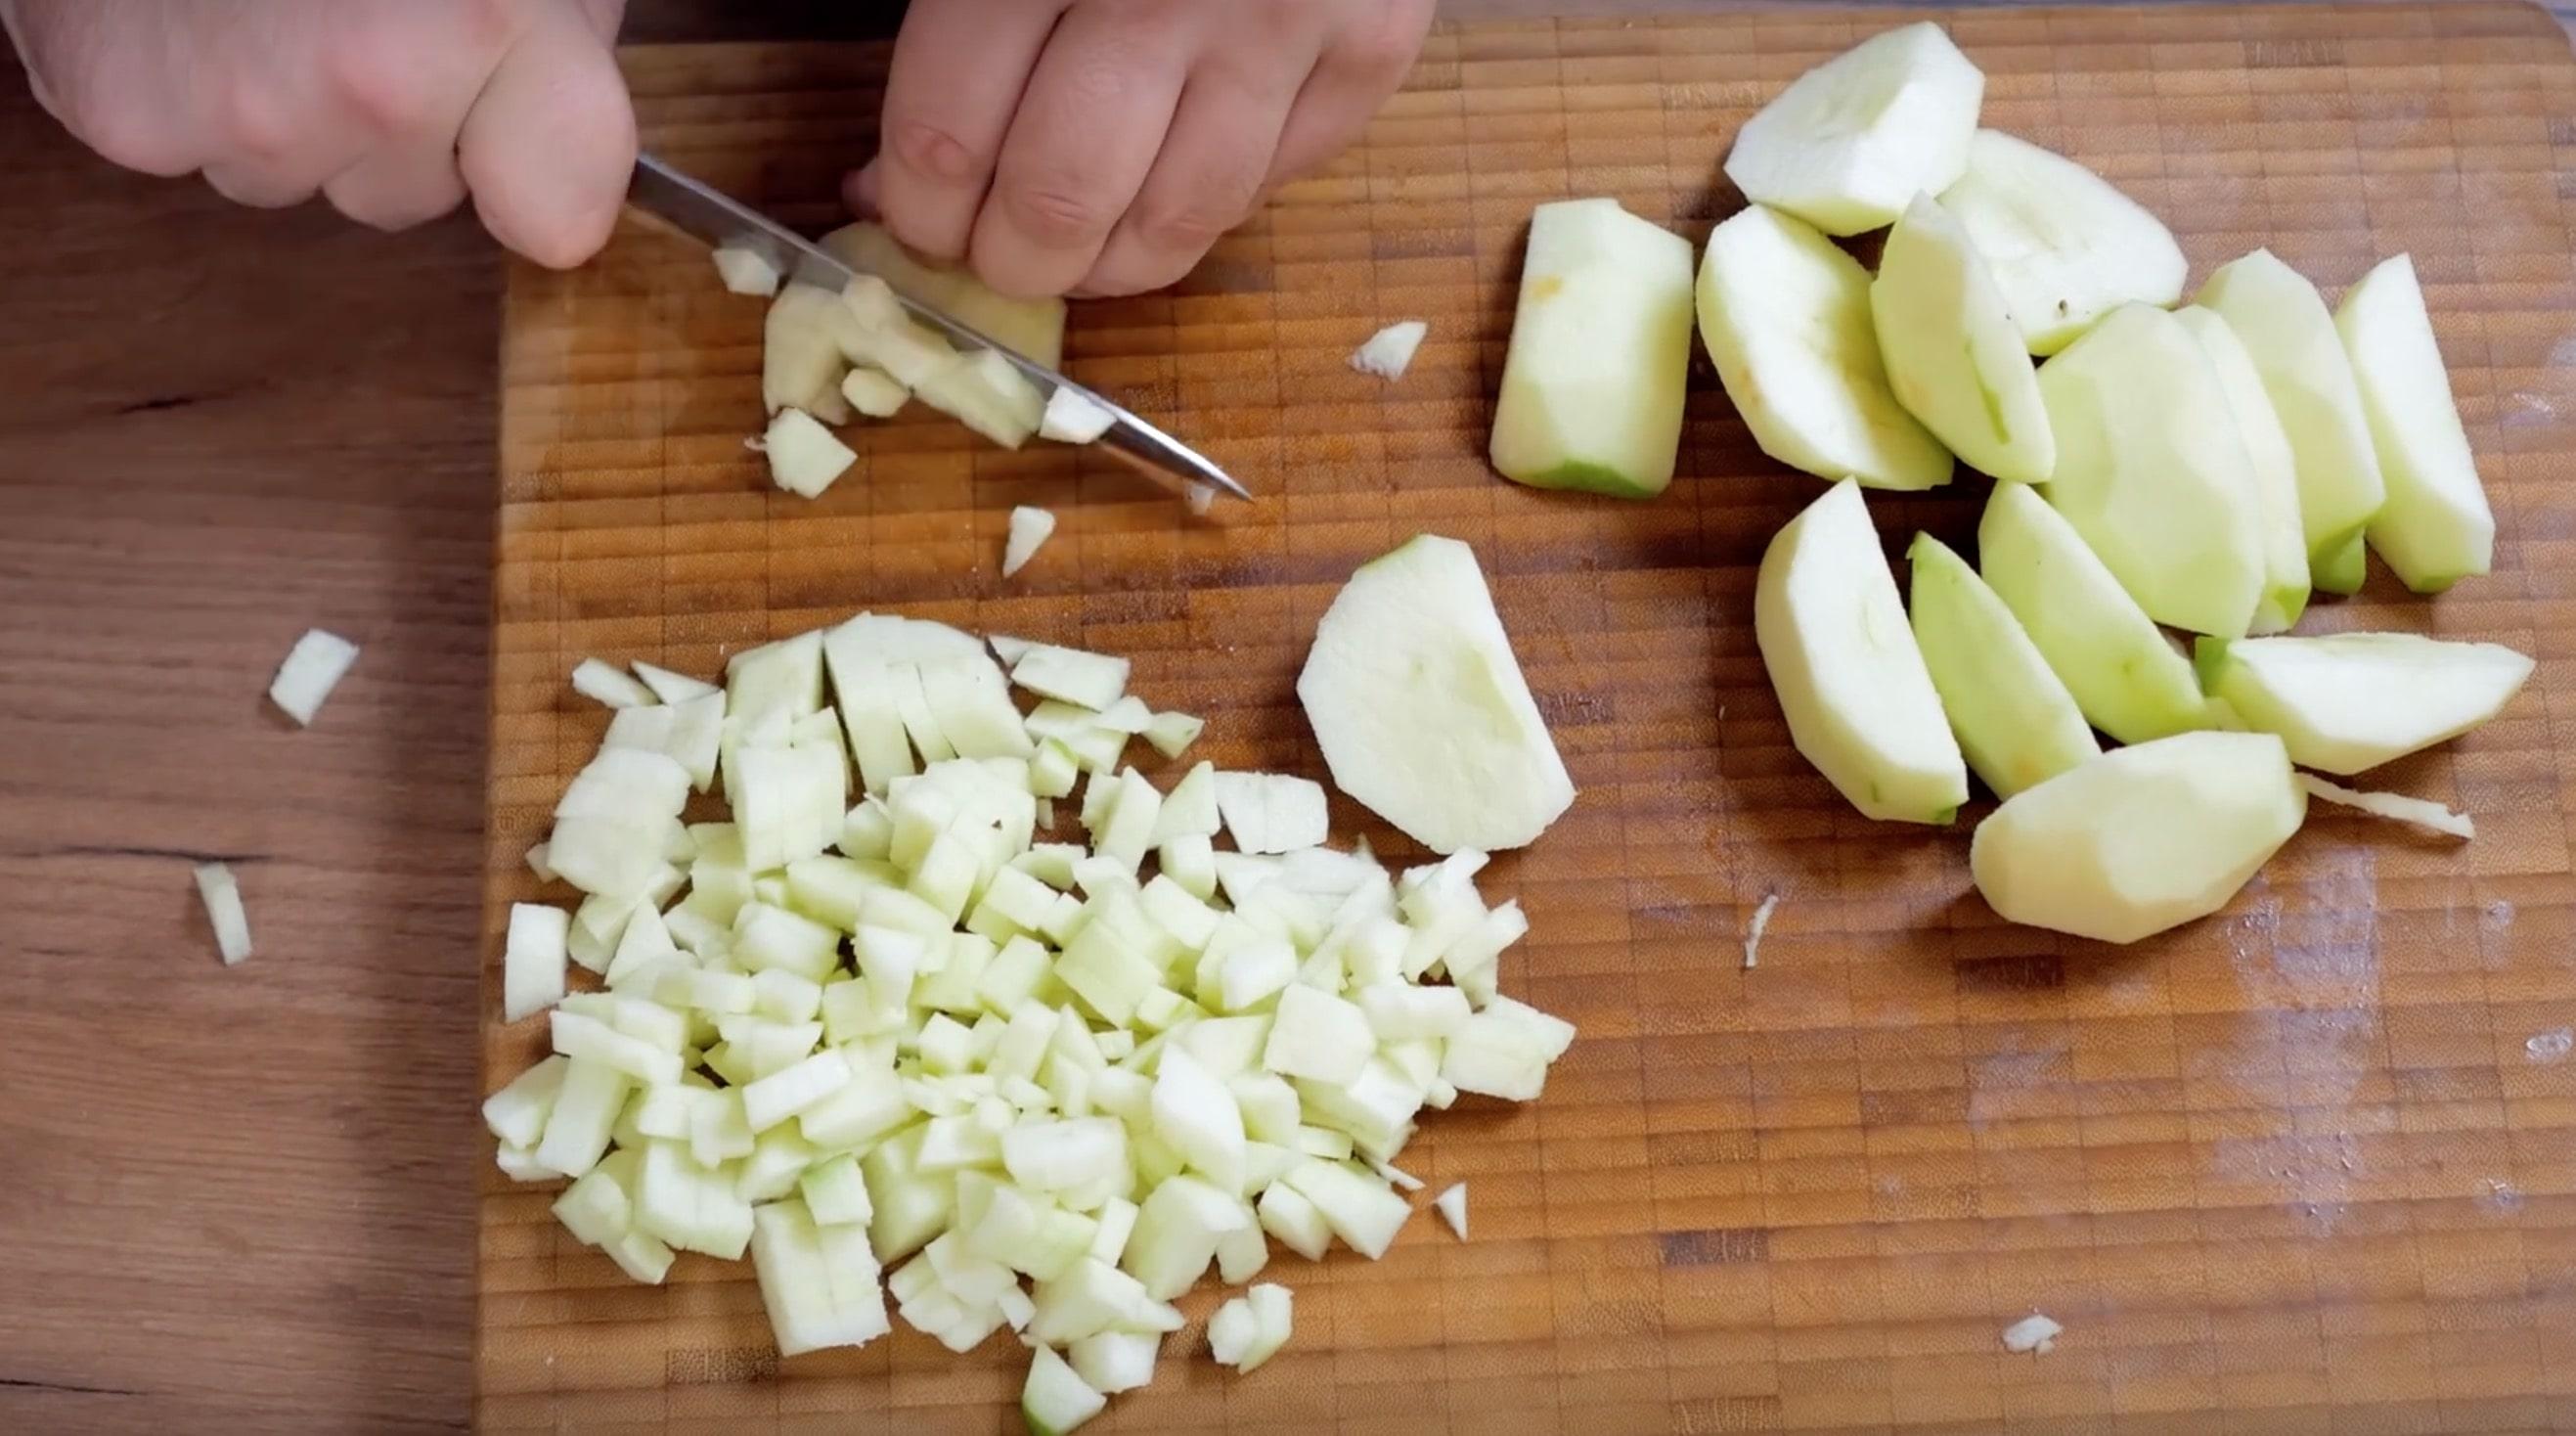 Очищаем и нарезаем кубиками примерно килограмм яблок. Лучше использовать кислые сорта.